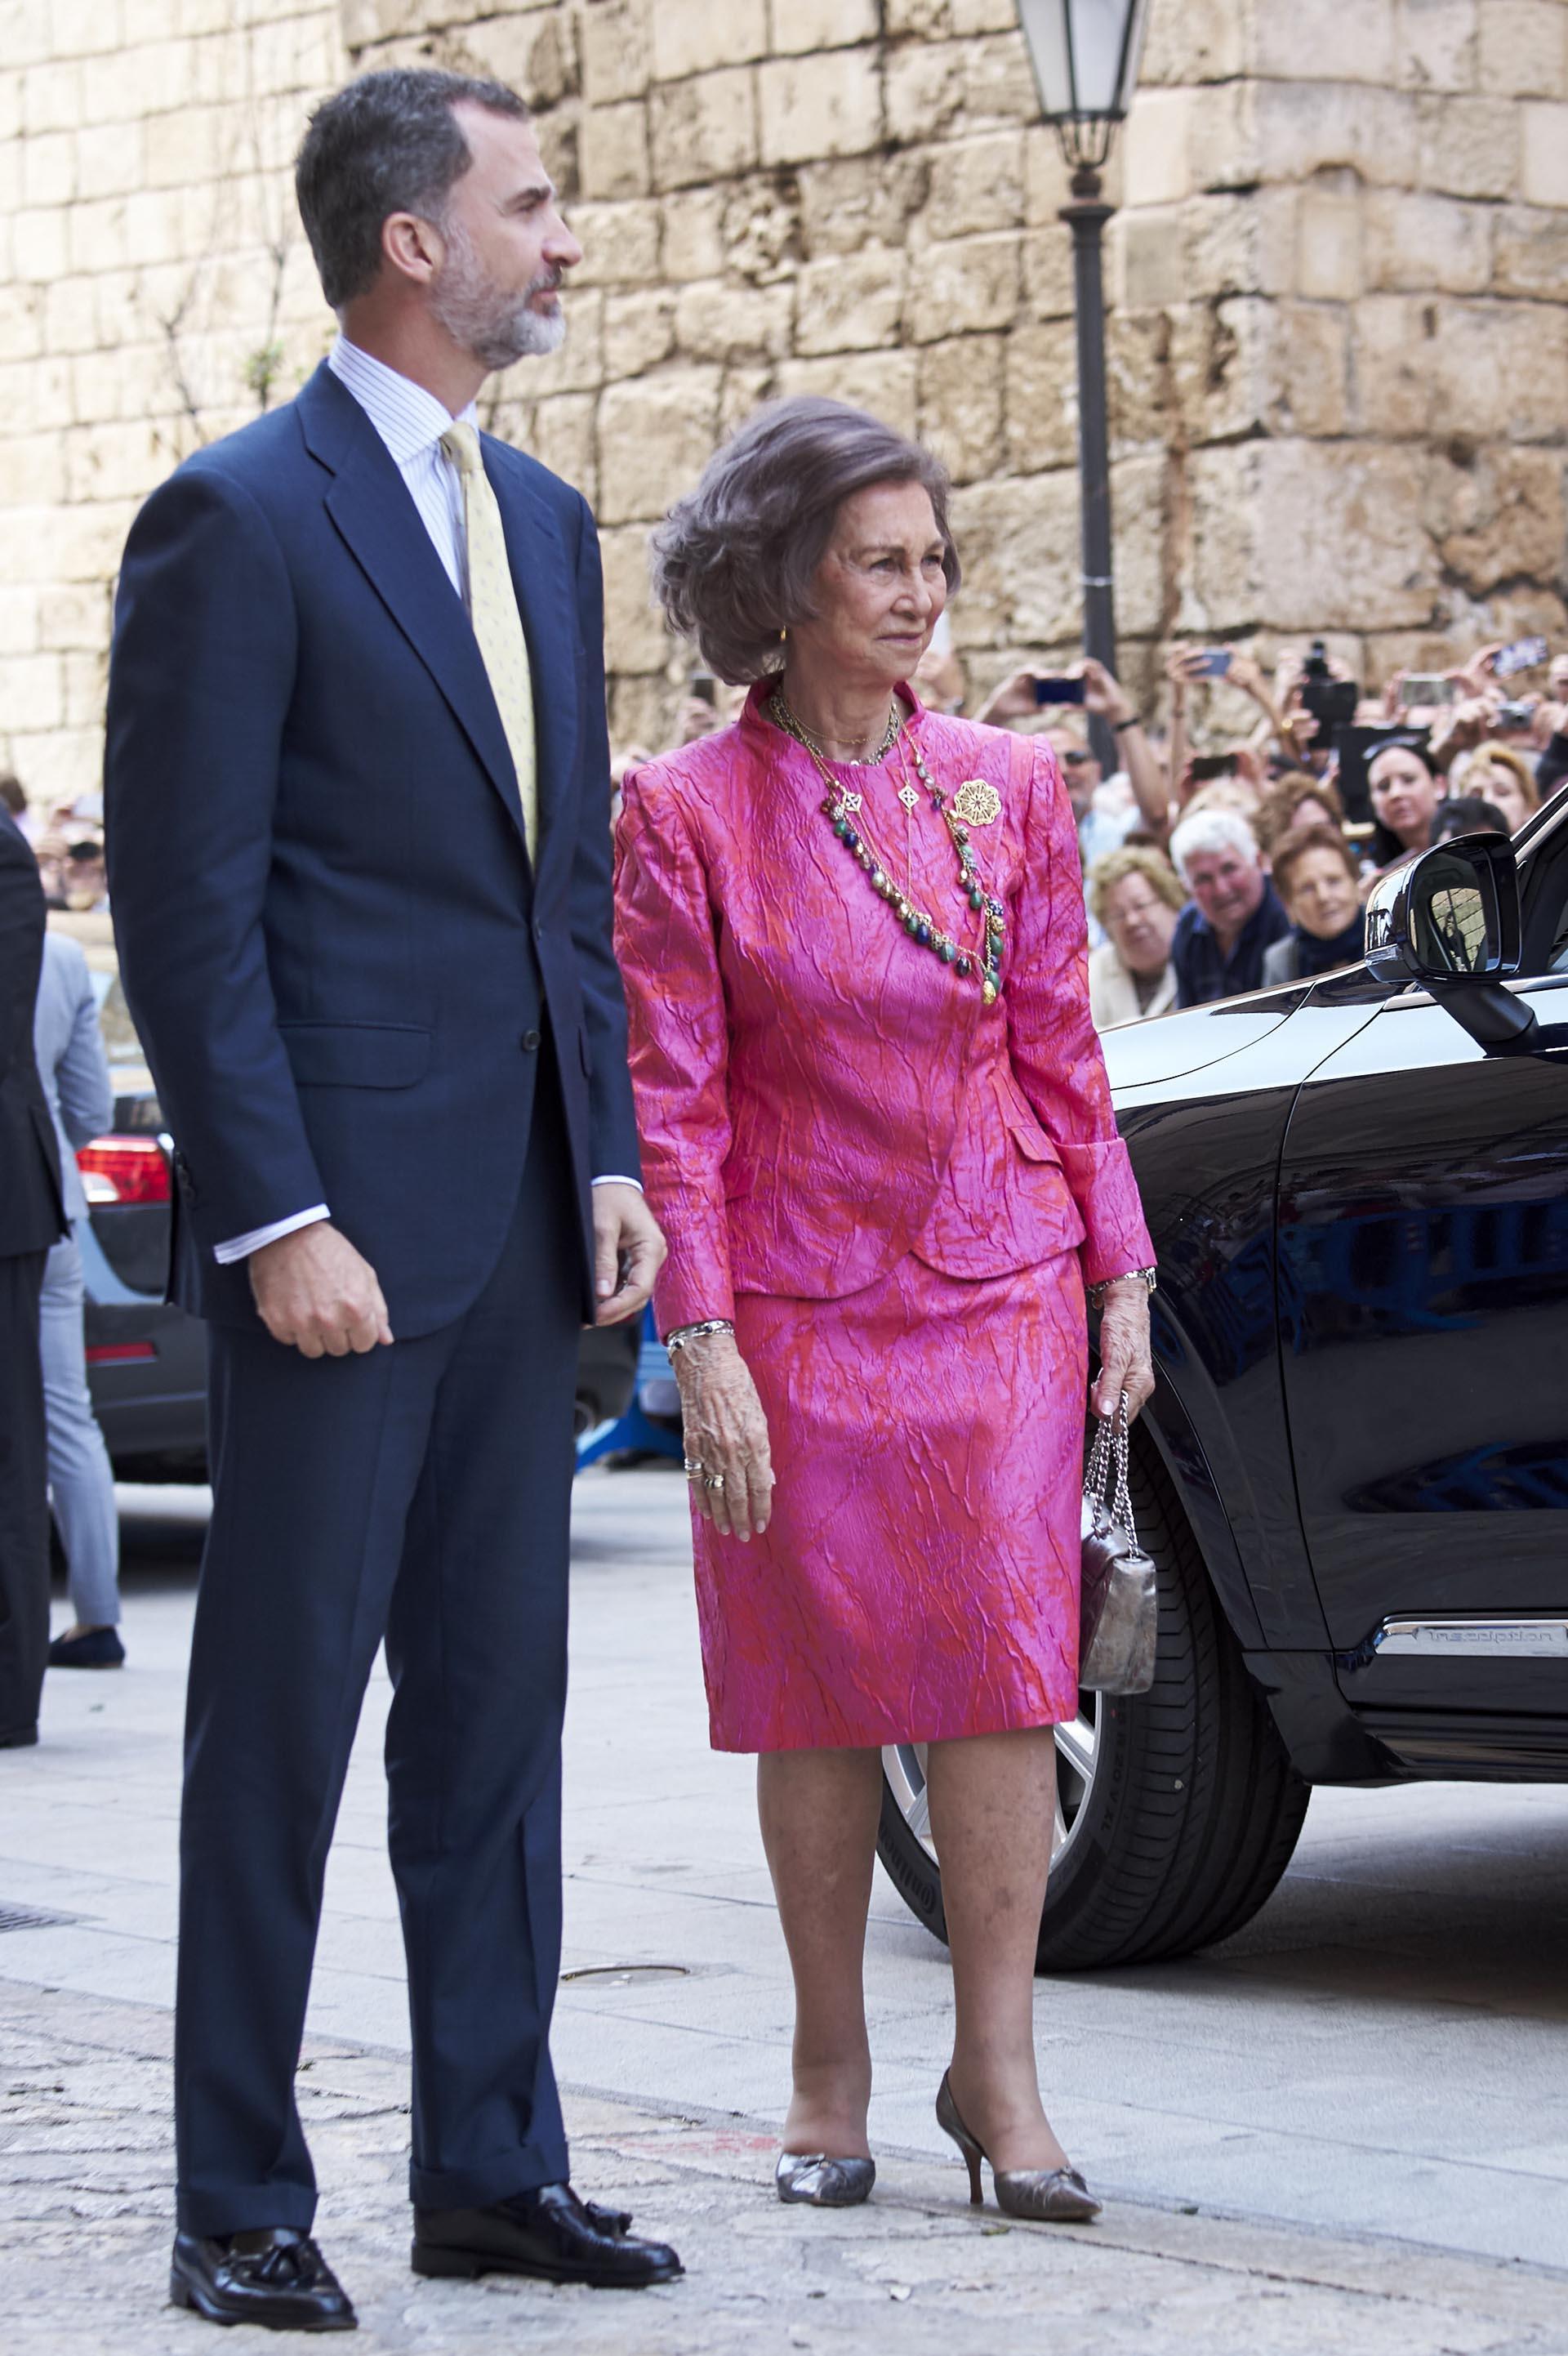 Felipe VI junto a su madre, la reina Sofía, quien lució un conjunto estampado en fucsia y colorado